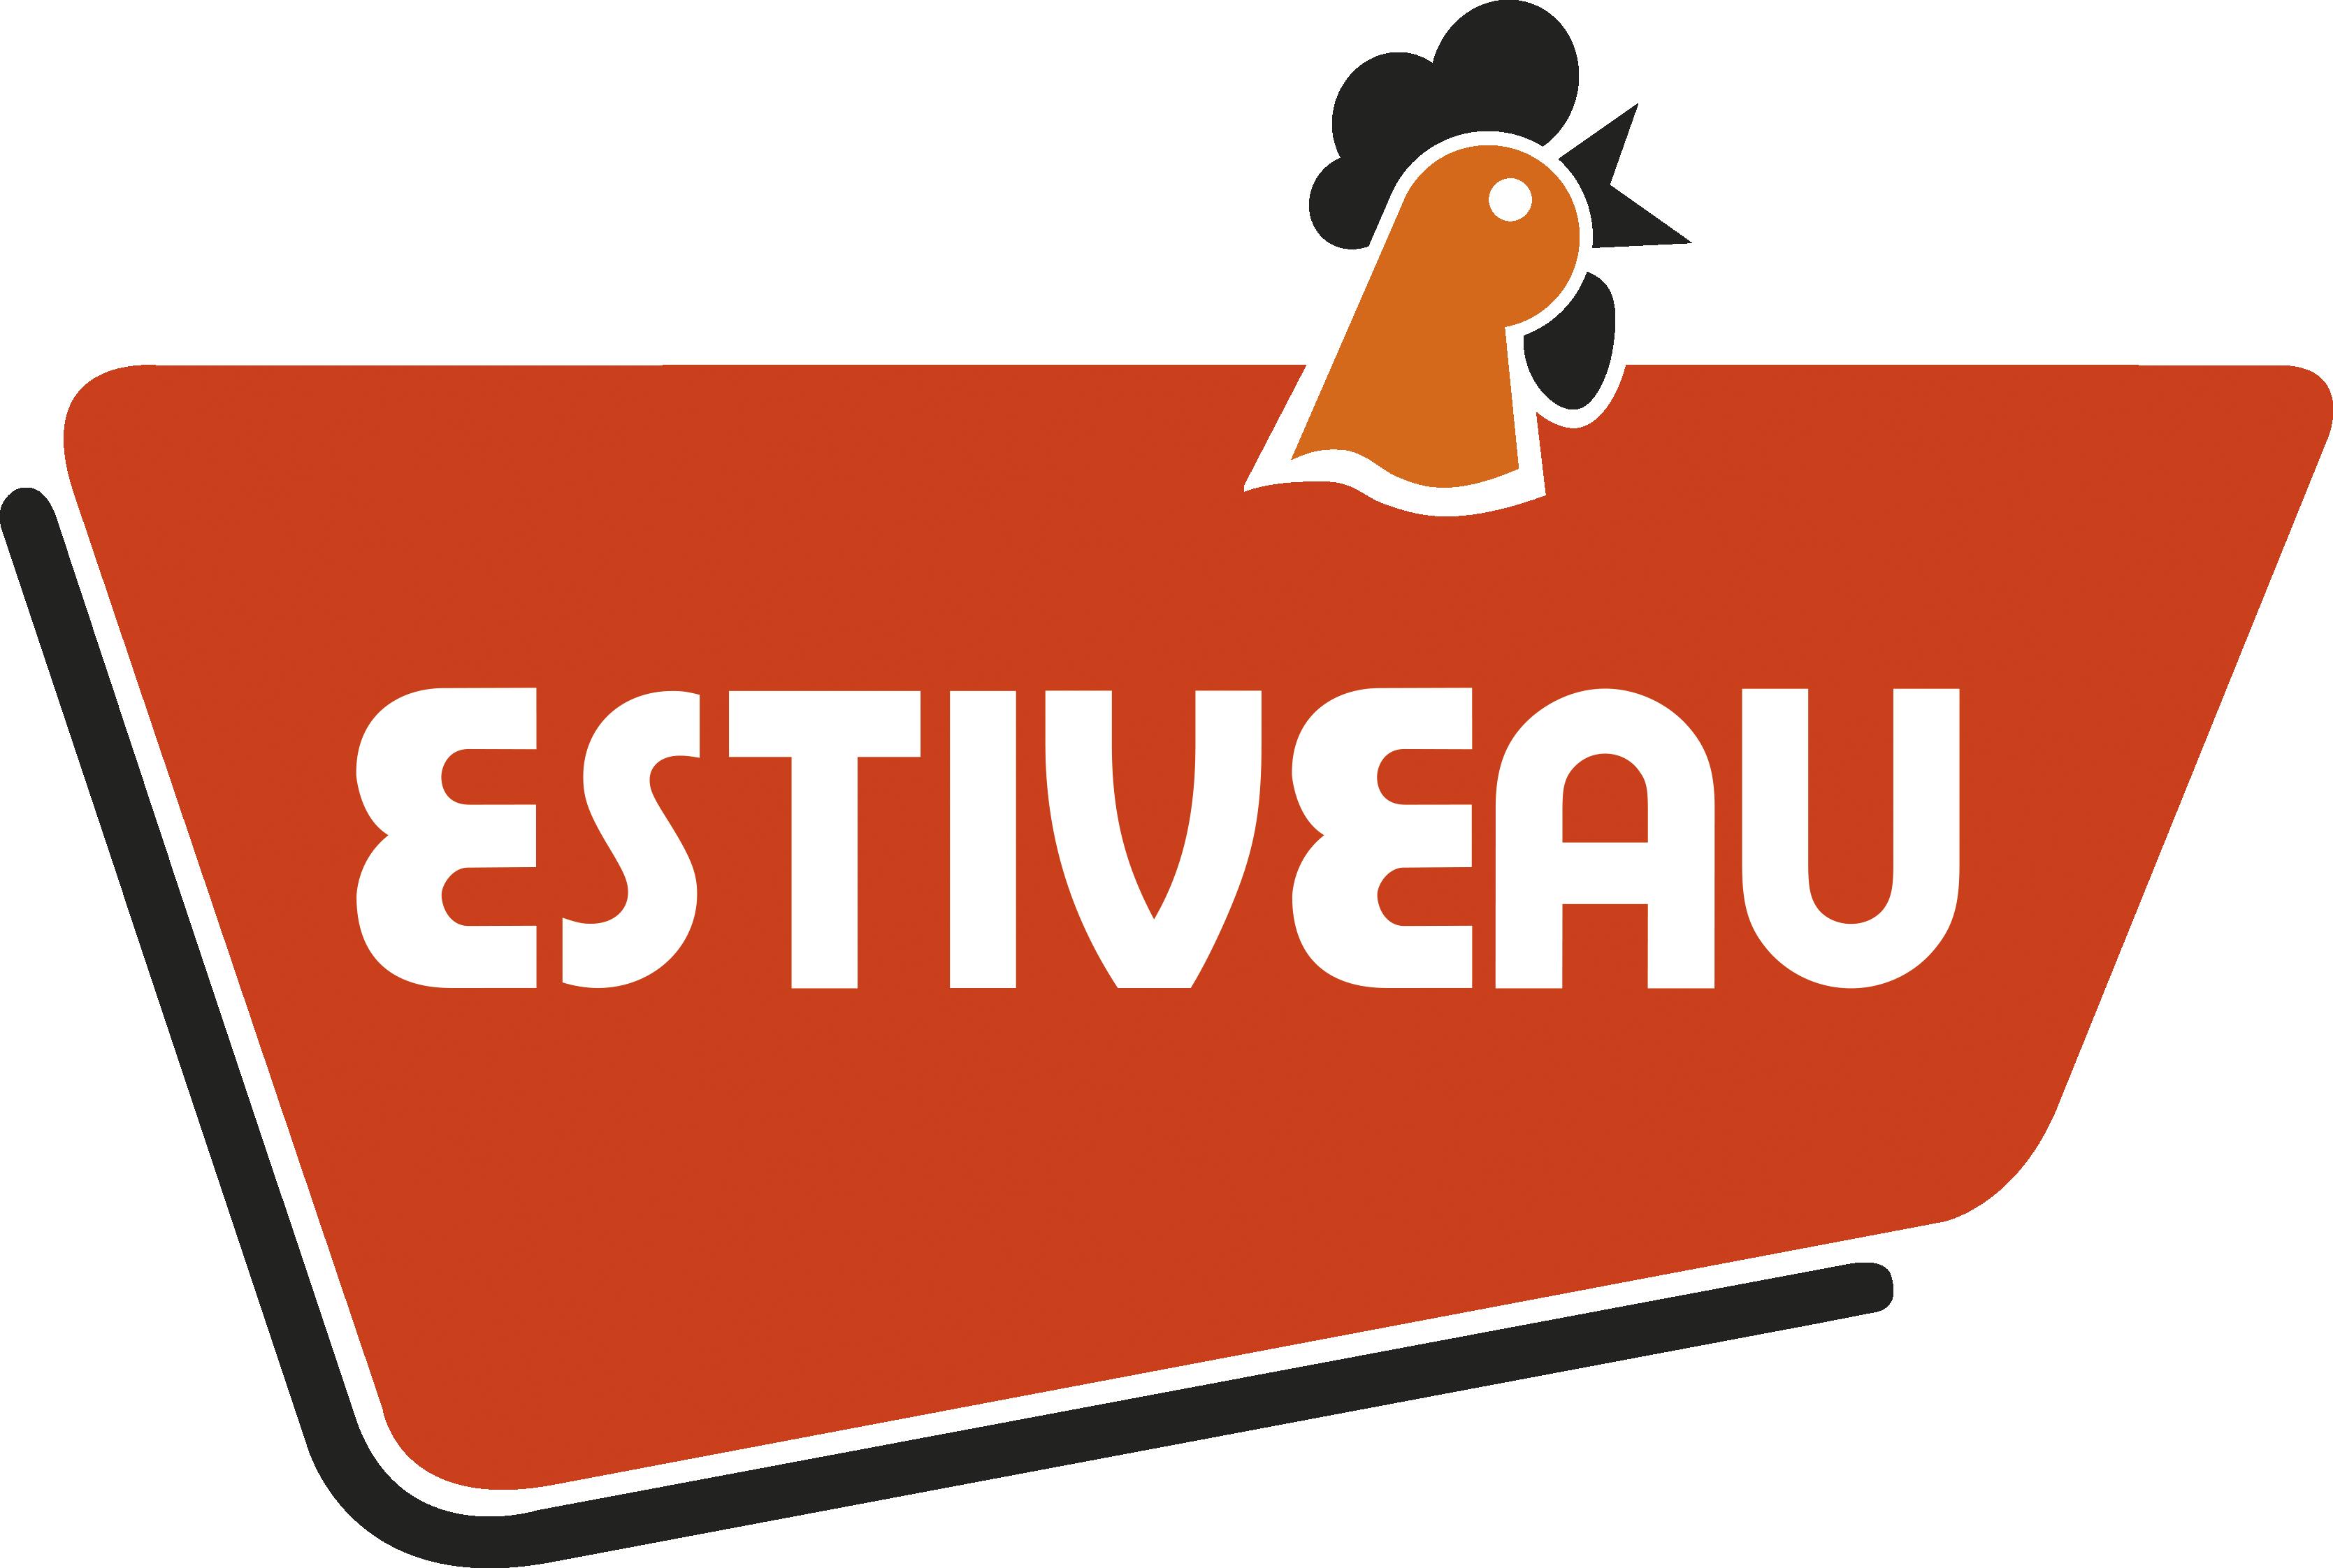 Estiveau_RVB